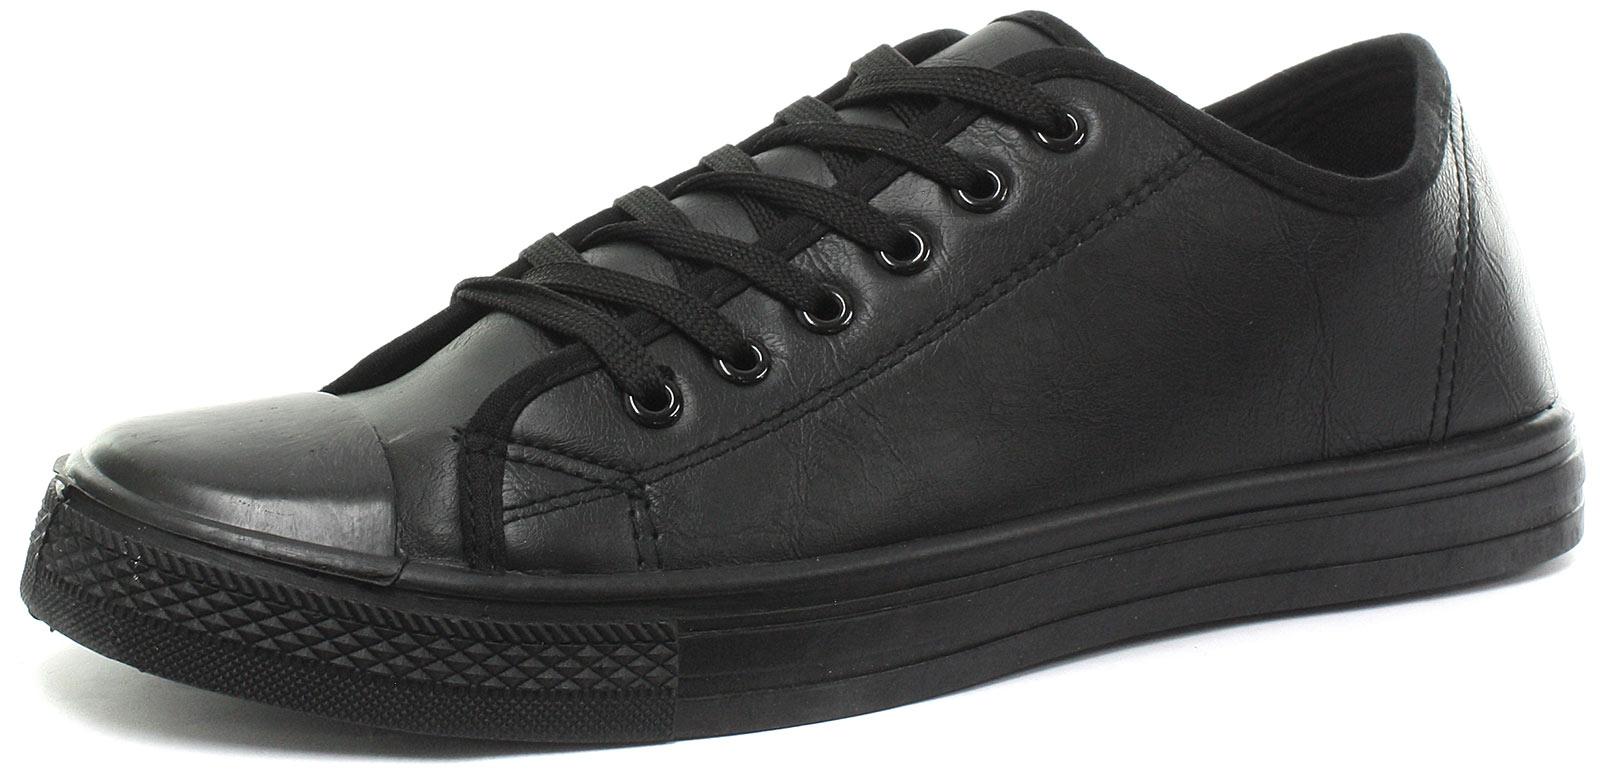 Coque Décontractées Œil Chaussures M9589a Junior Orteil 6 Dek À Hommes Lacets 0qxwTHt4